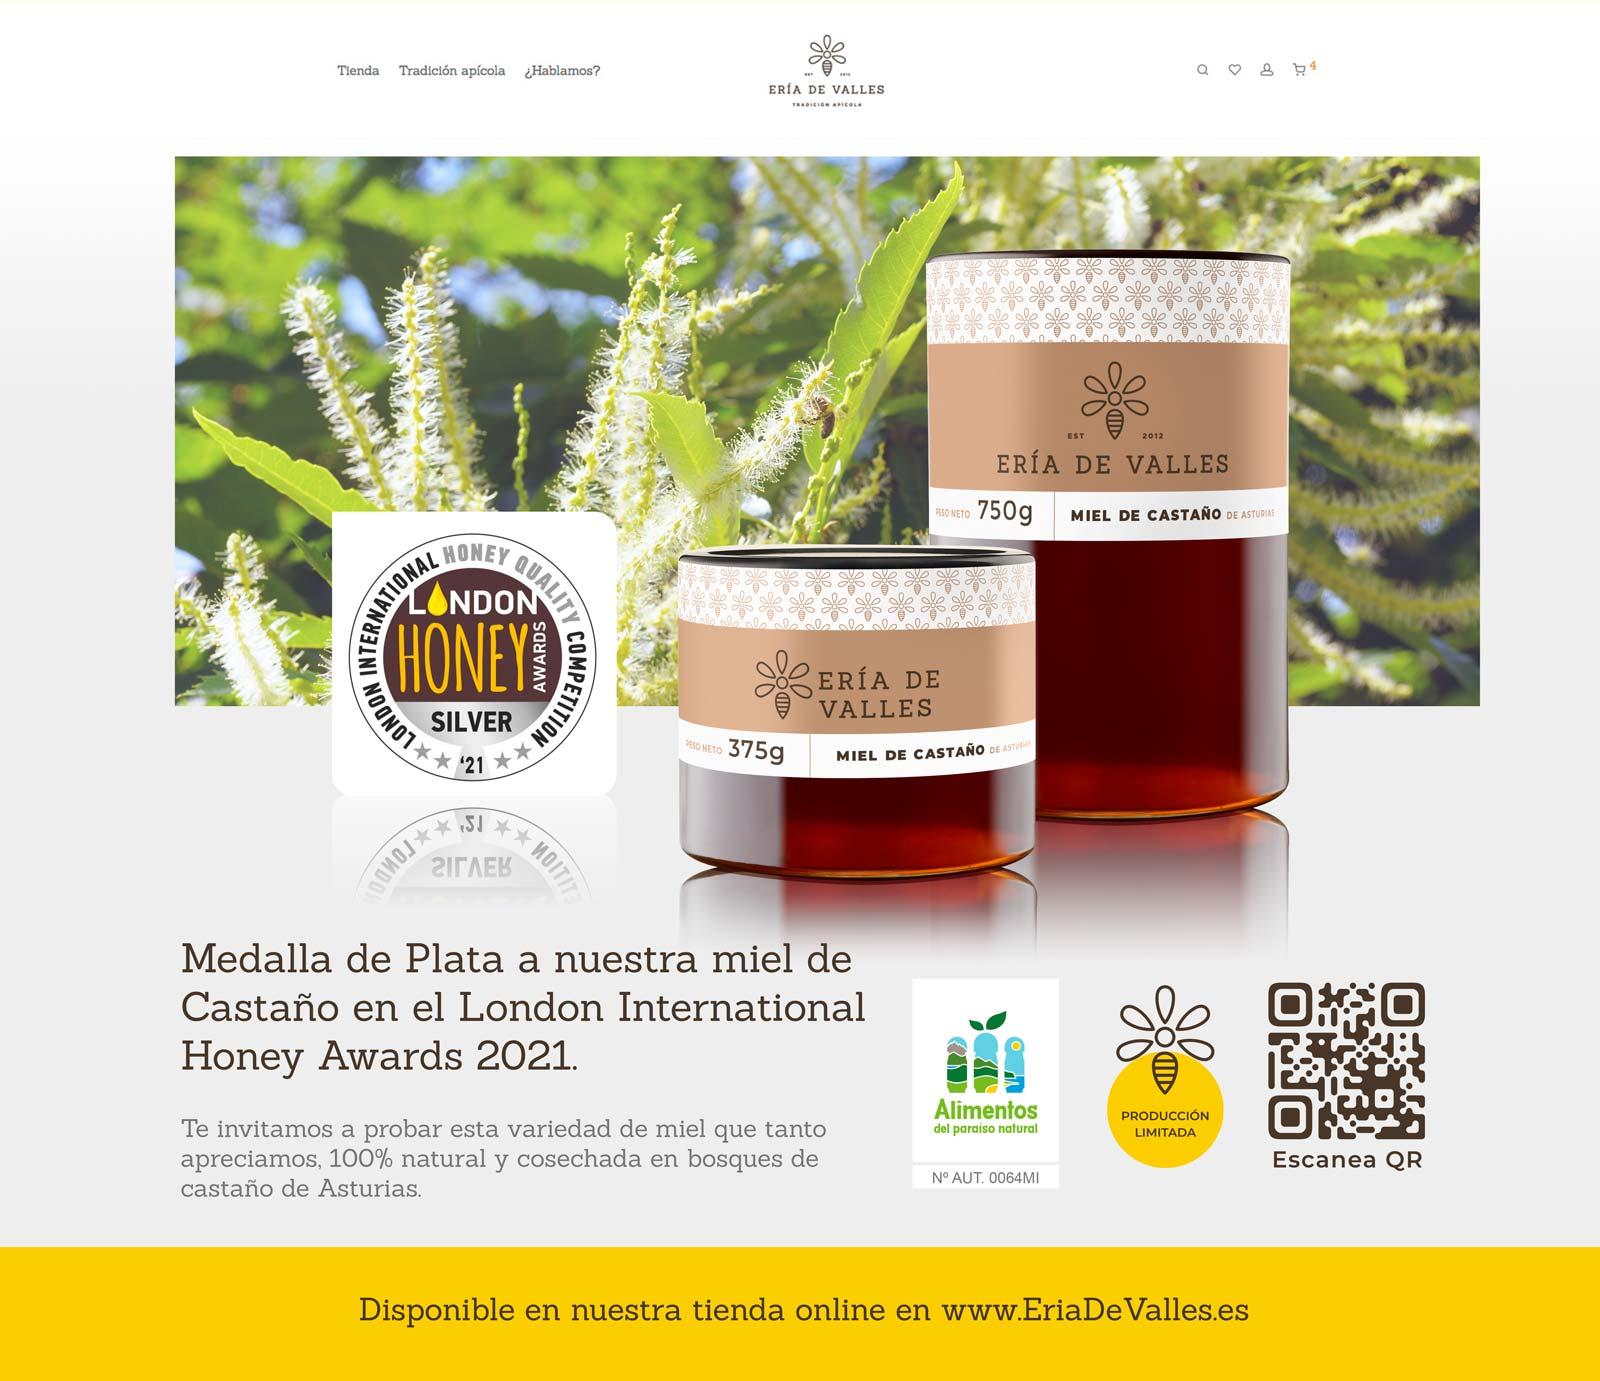 Nuevo galardon a nuestra miel en el London International Honey Awards 2021